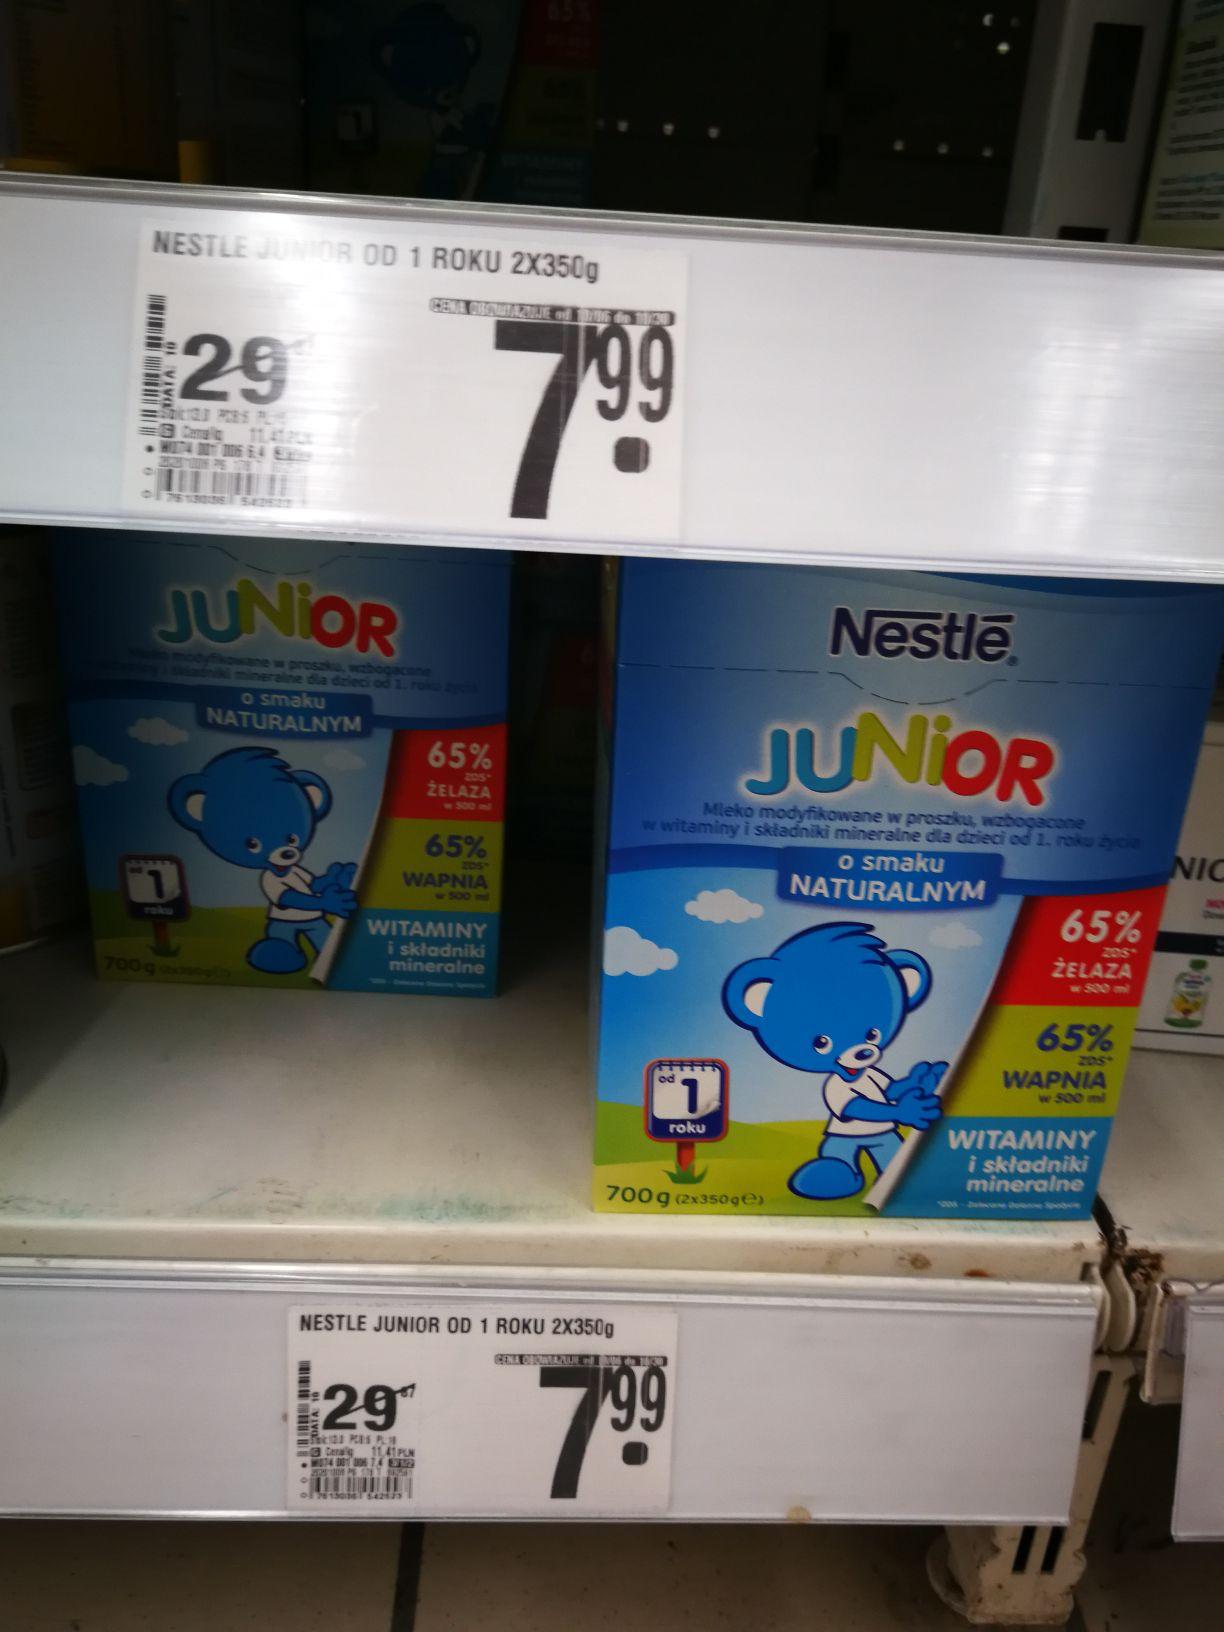 Nestle Junior od 1 roku 700g 7.99 zł [Auchan Warszawa-Ursynów]